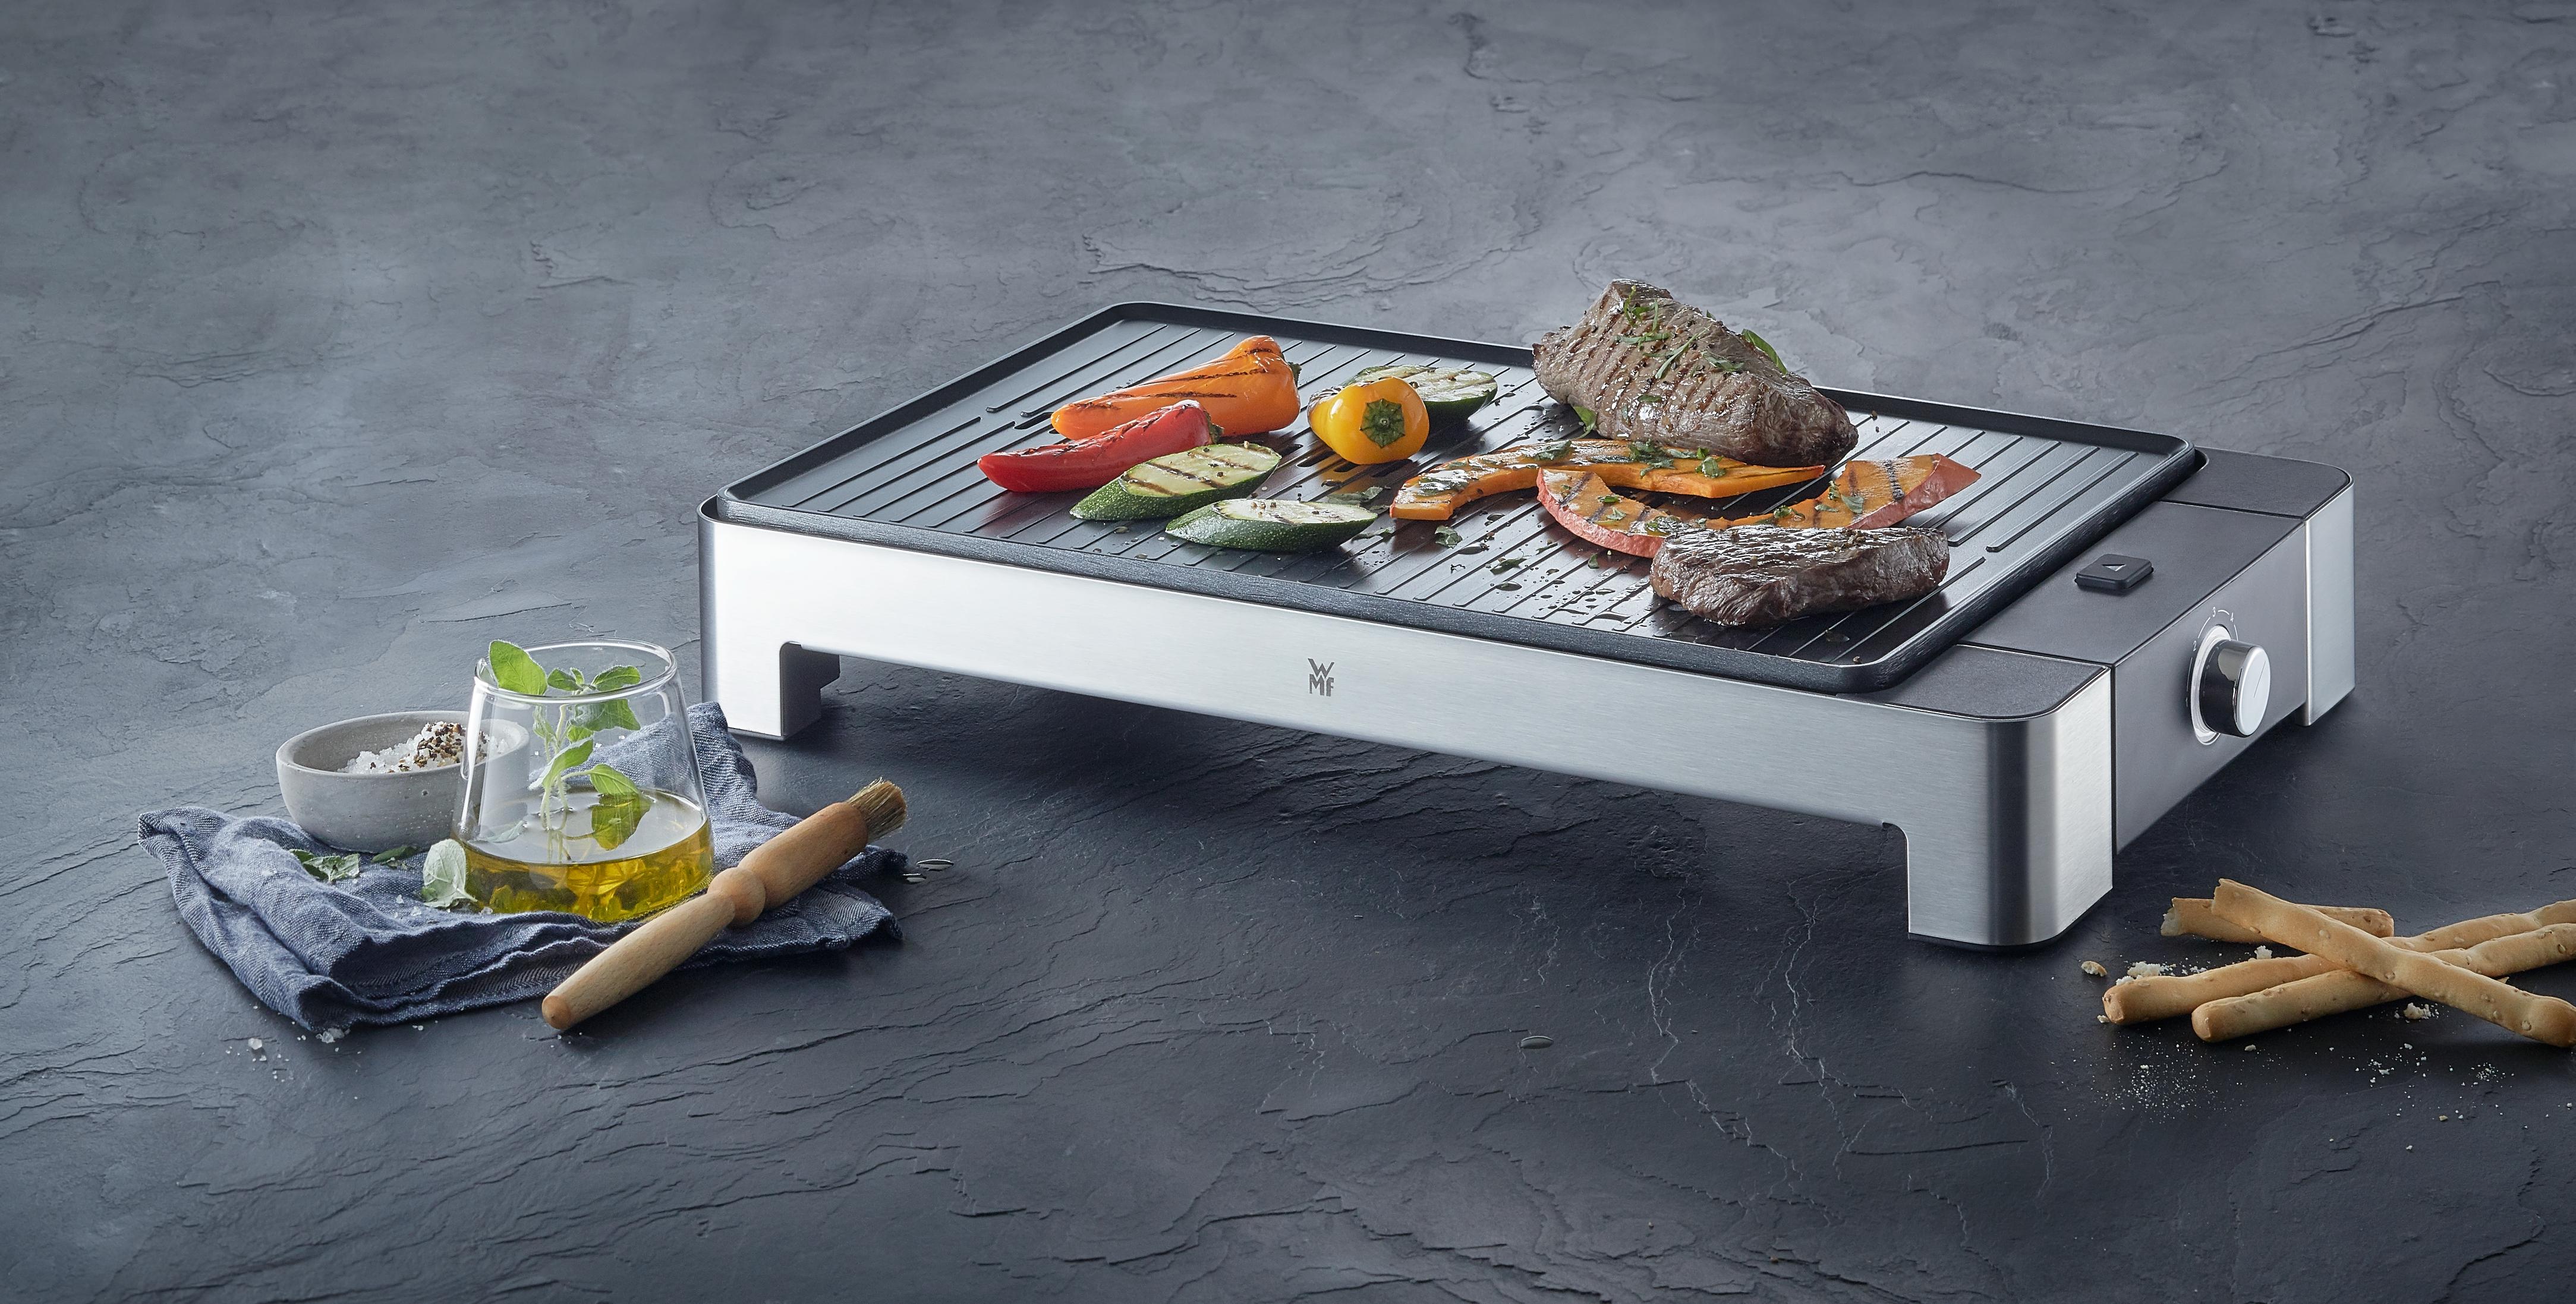 Tırtıklı ızgara alanına sahip güçlü masaüstü ızgara.